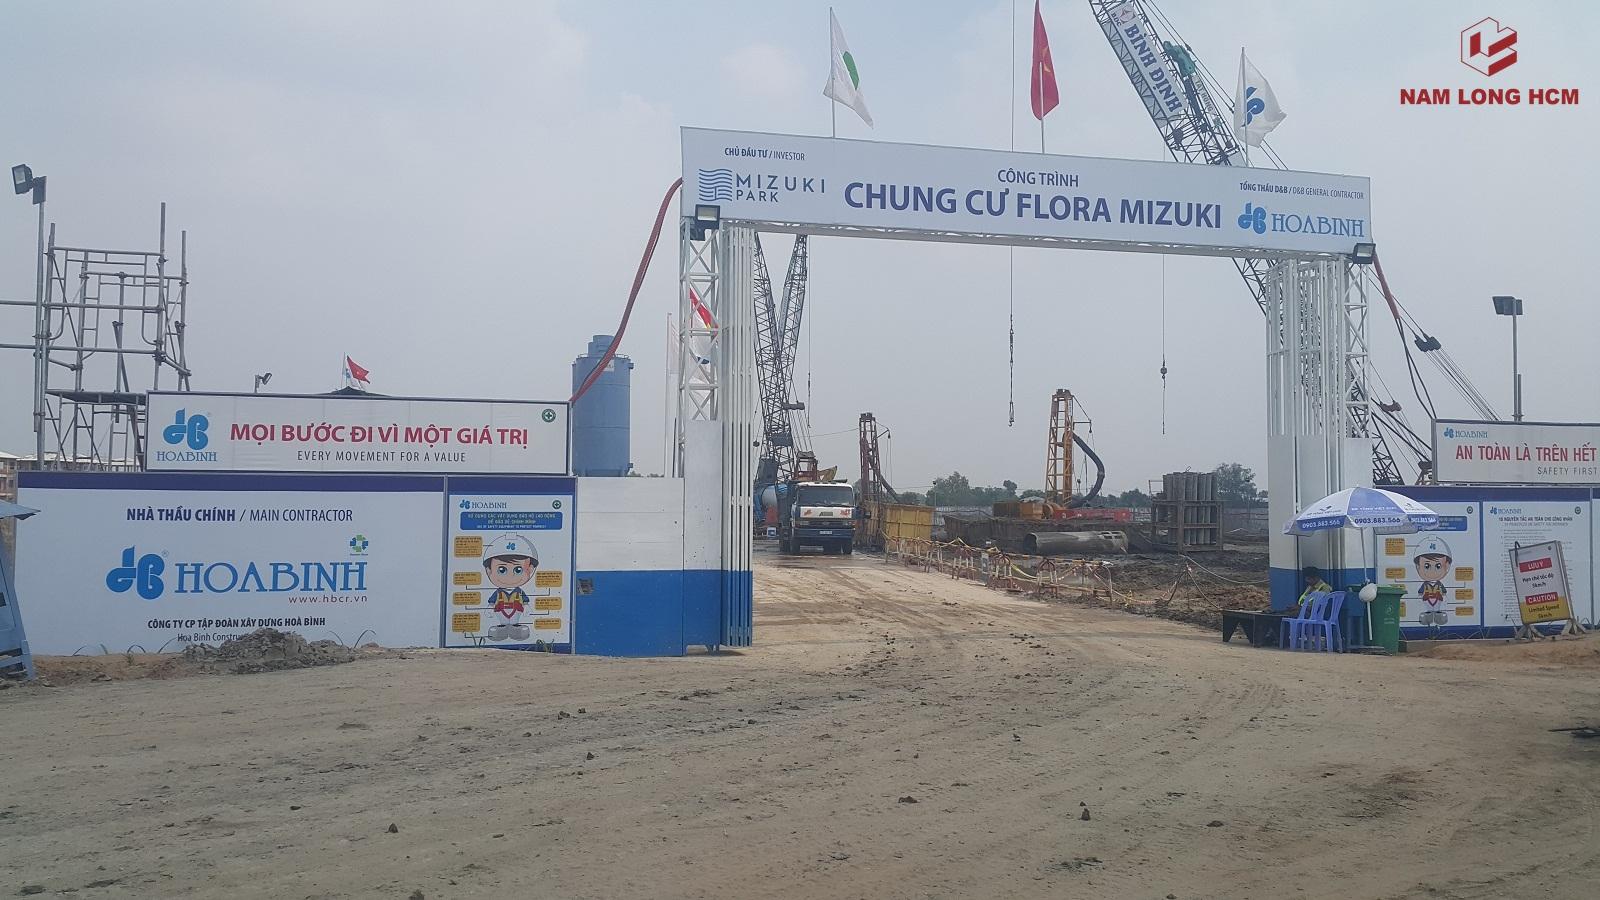 Cổng công trường Block MP1, MP2 dự án Flora Mizuki Nam Long. Đơn vị Hòa Bình đang triển khai xây dựng tích cực. Ảnh: Nam Long HCM